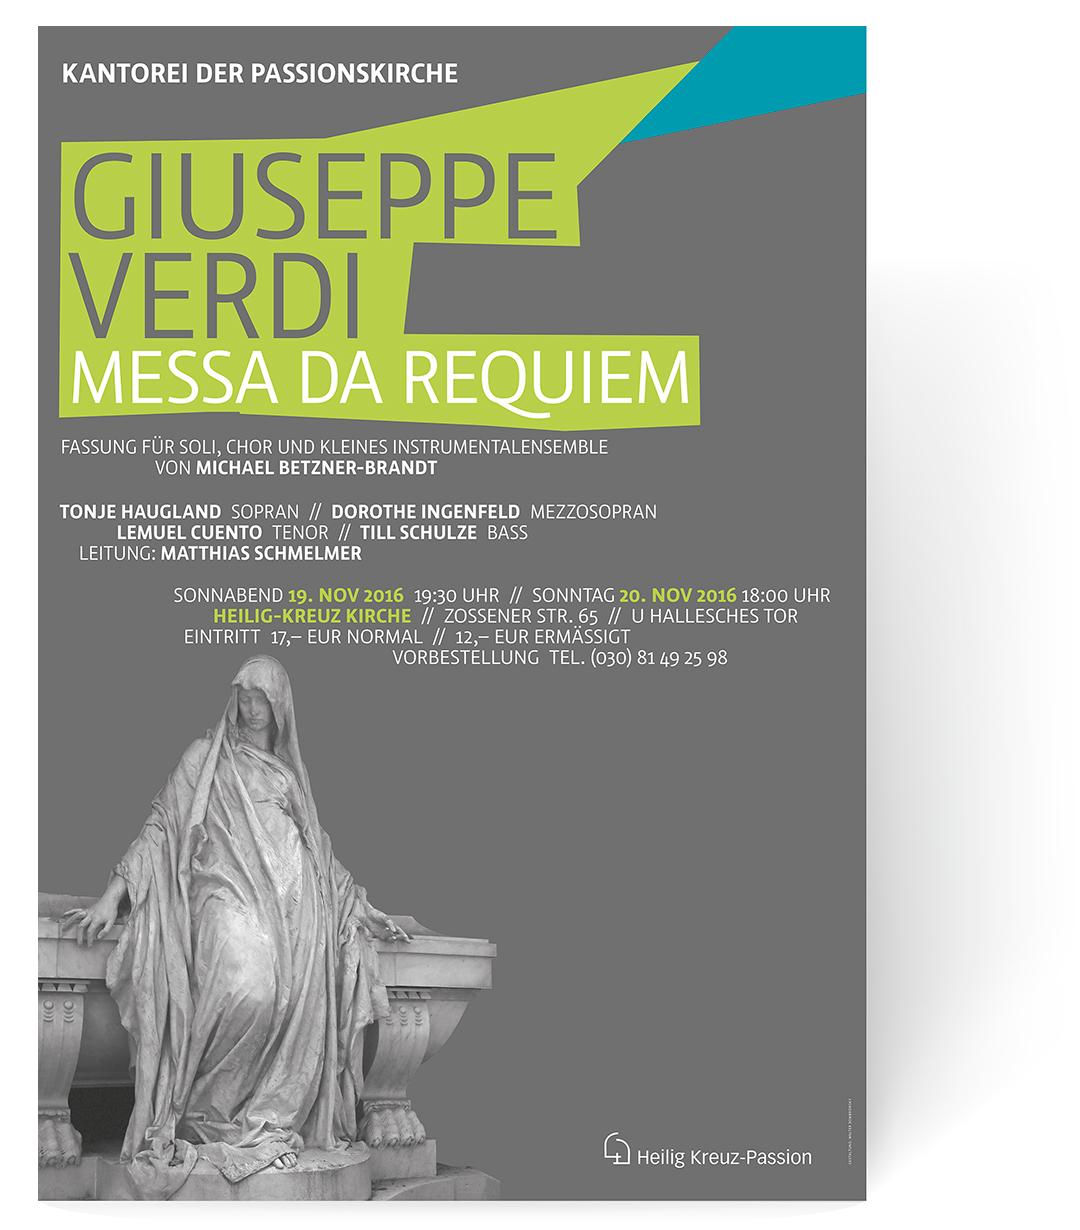 """Giuseppe Verdi """"Messa Da Requiem"""", Kantorei der Passionskirche, Berlin-Kreuzberg, Plakatgestaltung Zech Dombrowsky Design"""